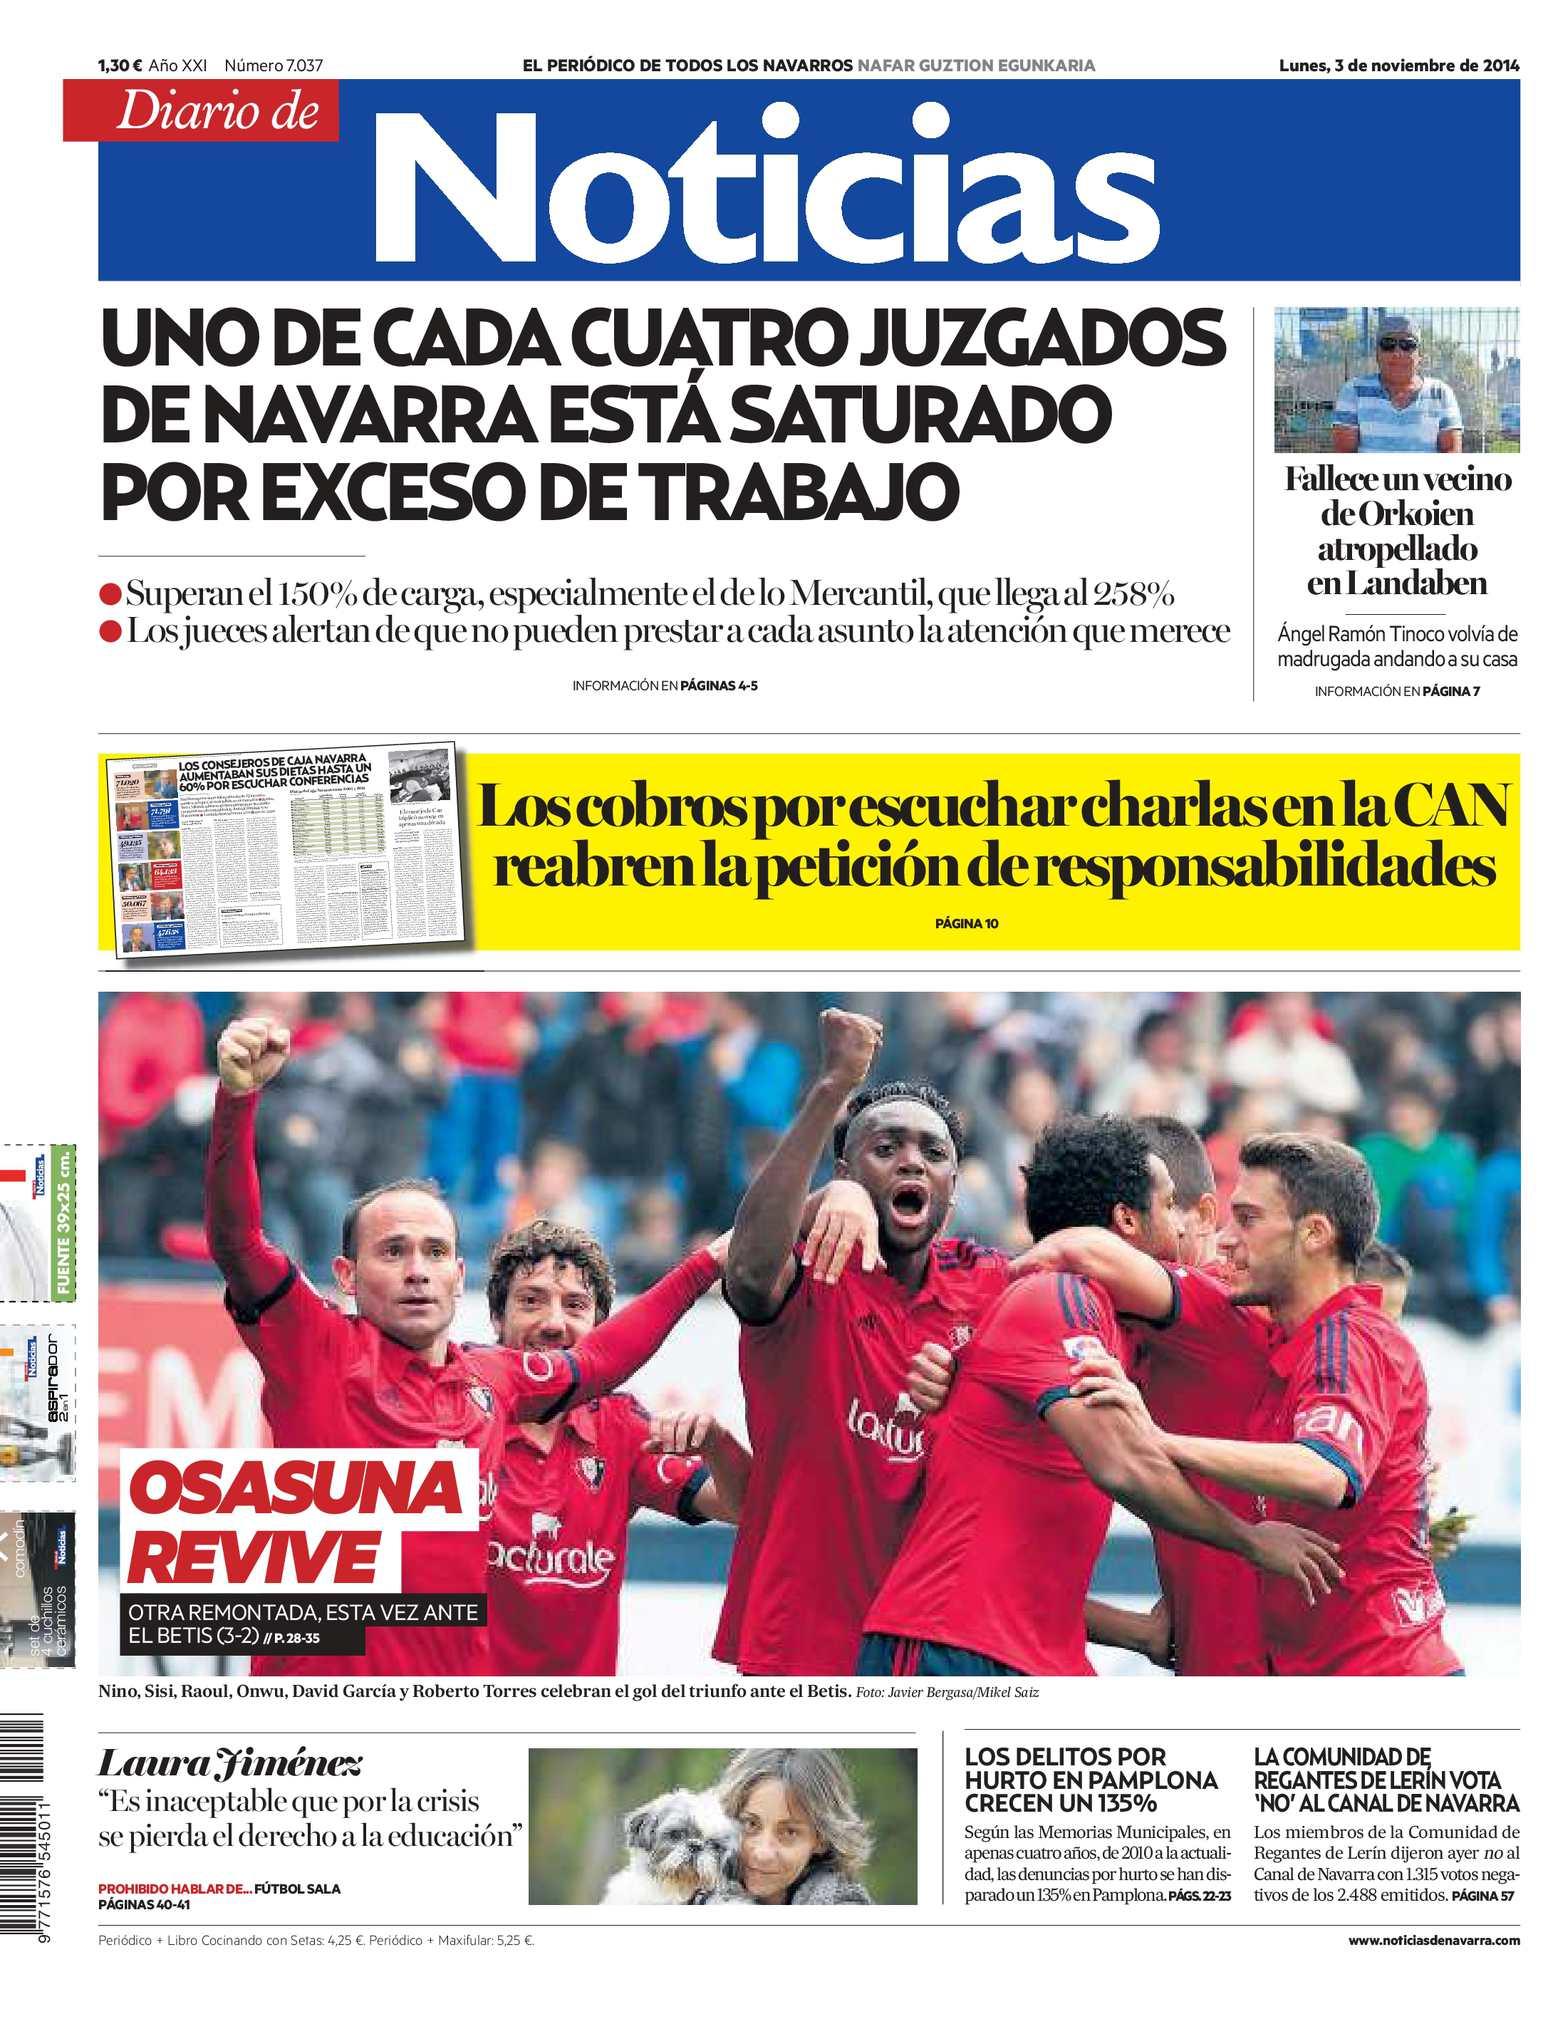 Niñas Culonas Porno calaméo - diario de noticias 20141103